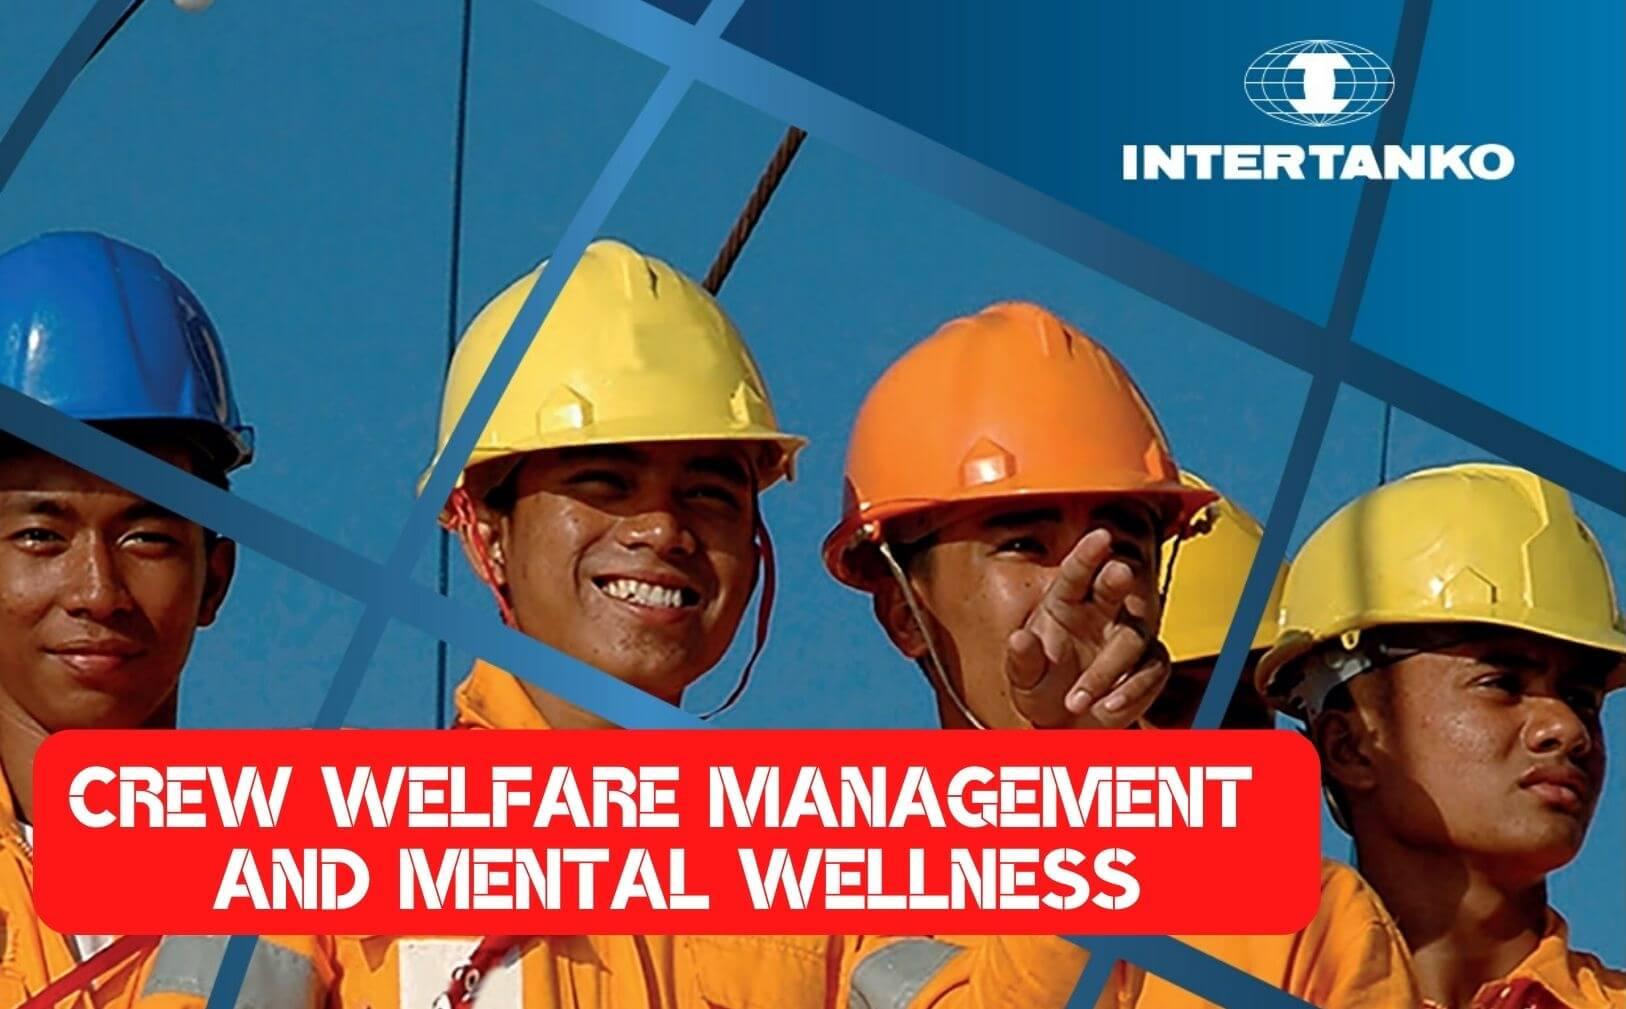 crew wellfare Management and Mental Wellness